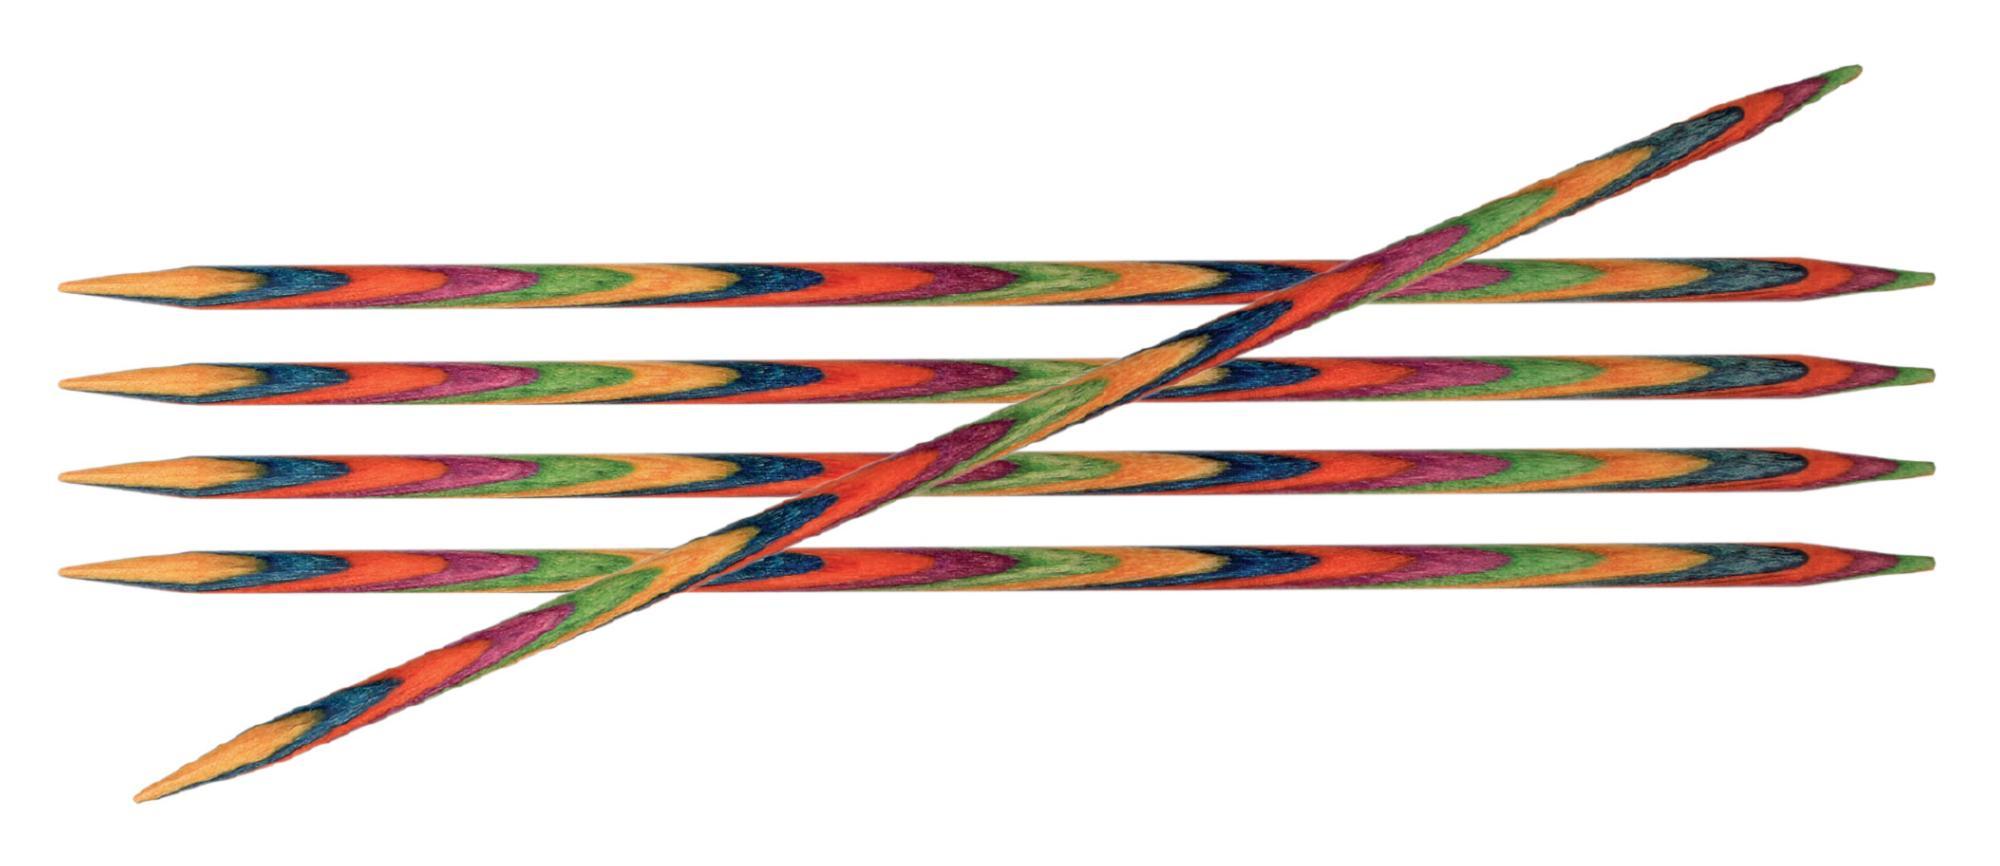 Спицы носочные 15 см Symfonie Wood KnitPro, 20104, 2.75 мм